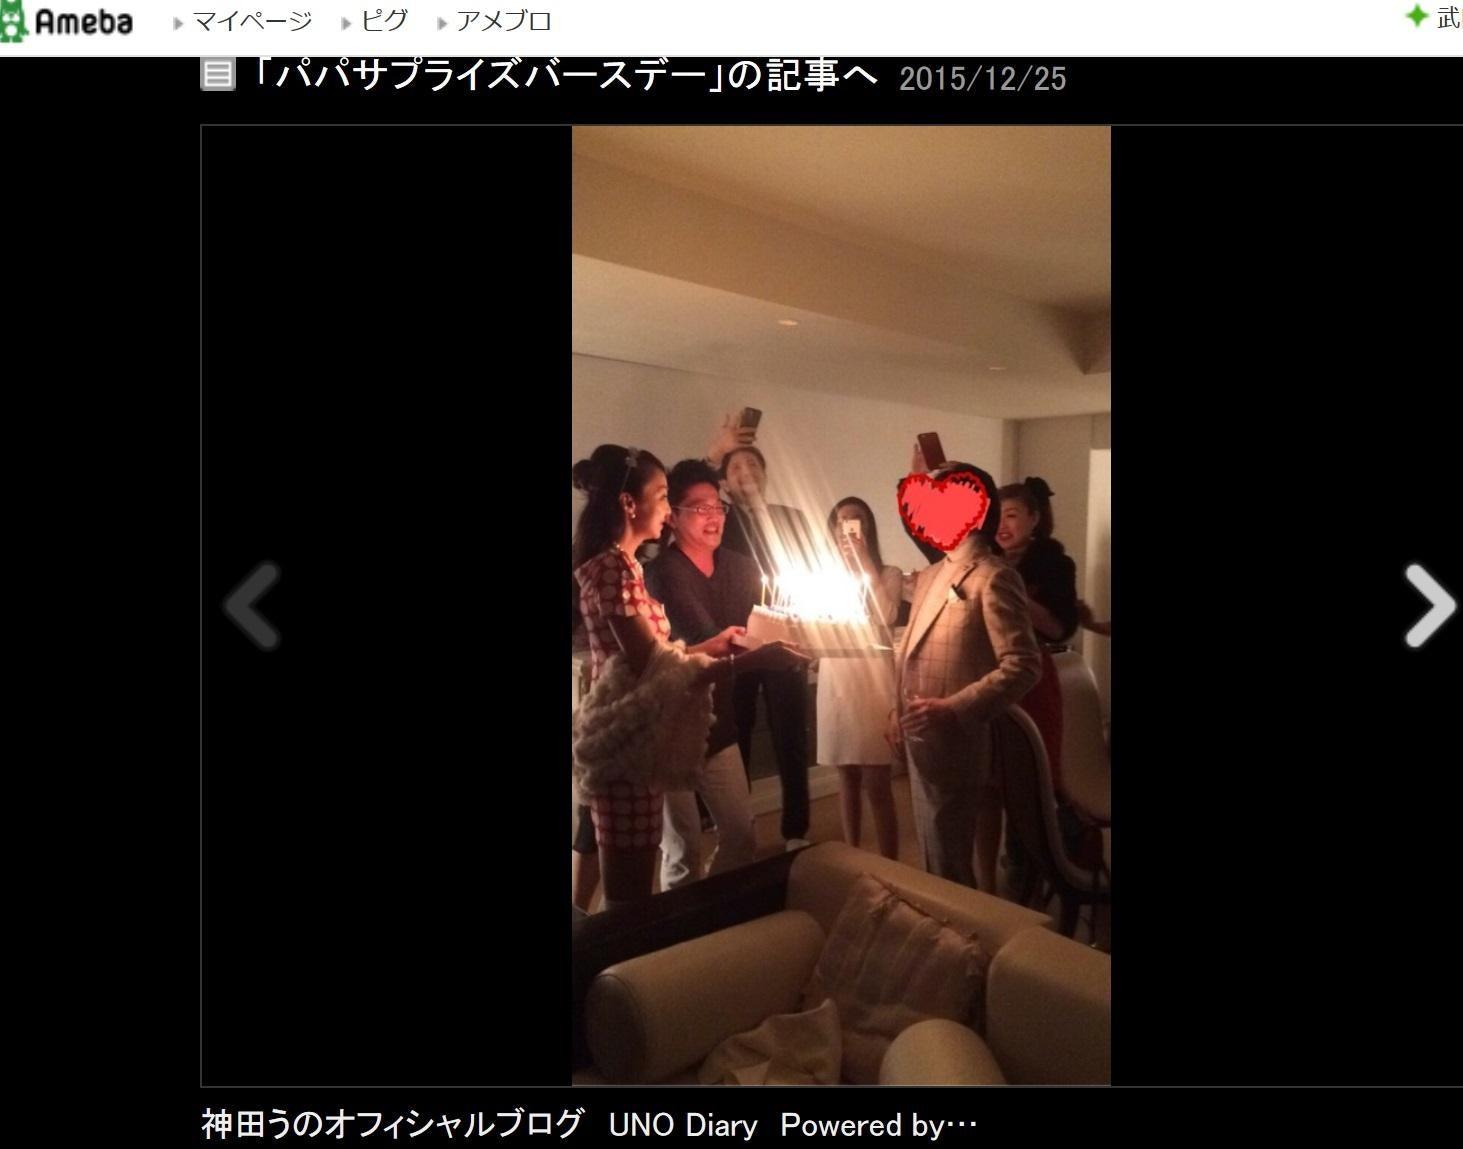 神田うの 誕生日に大量ロウソクで「火事になりそう」